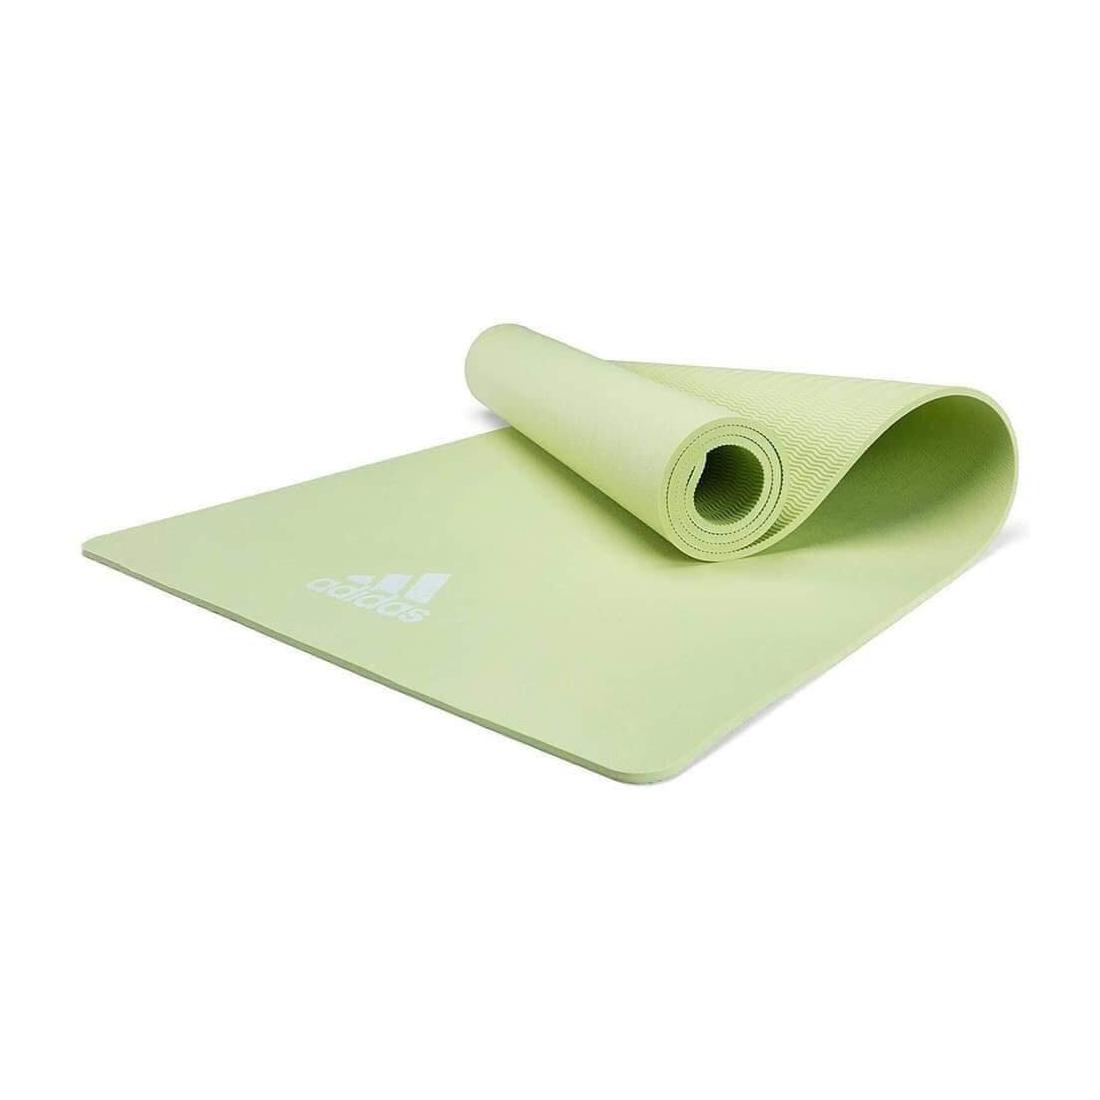 Gom thảm tập yoga Adidas-Thế giới đồ gia dụng HMD